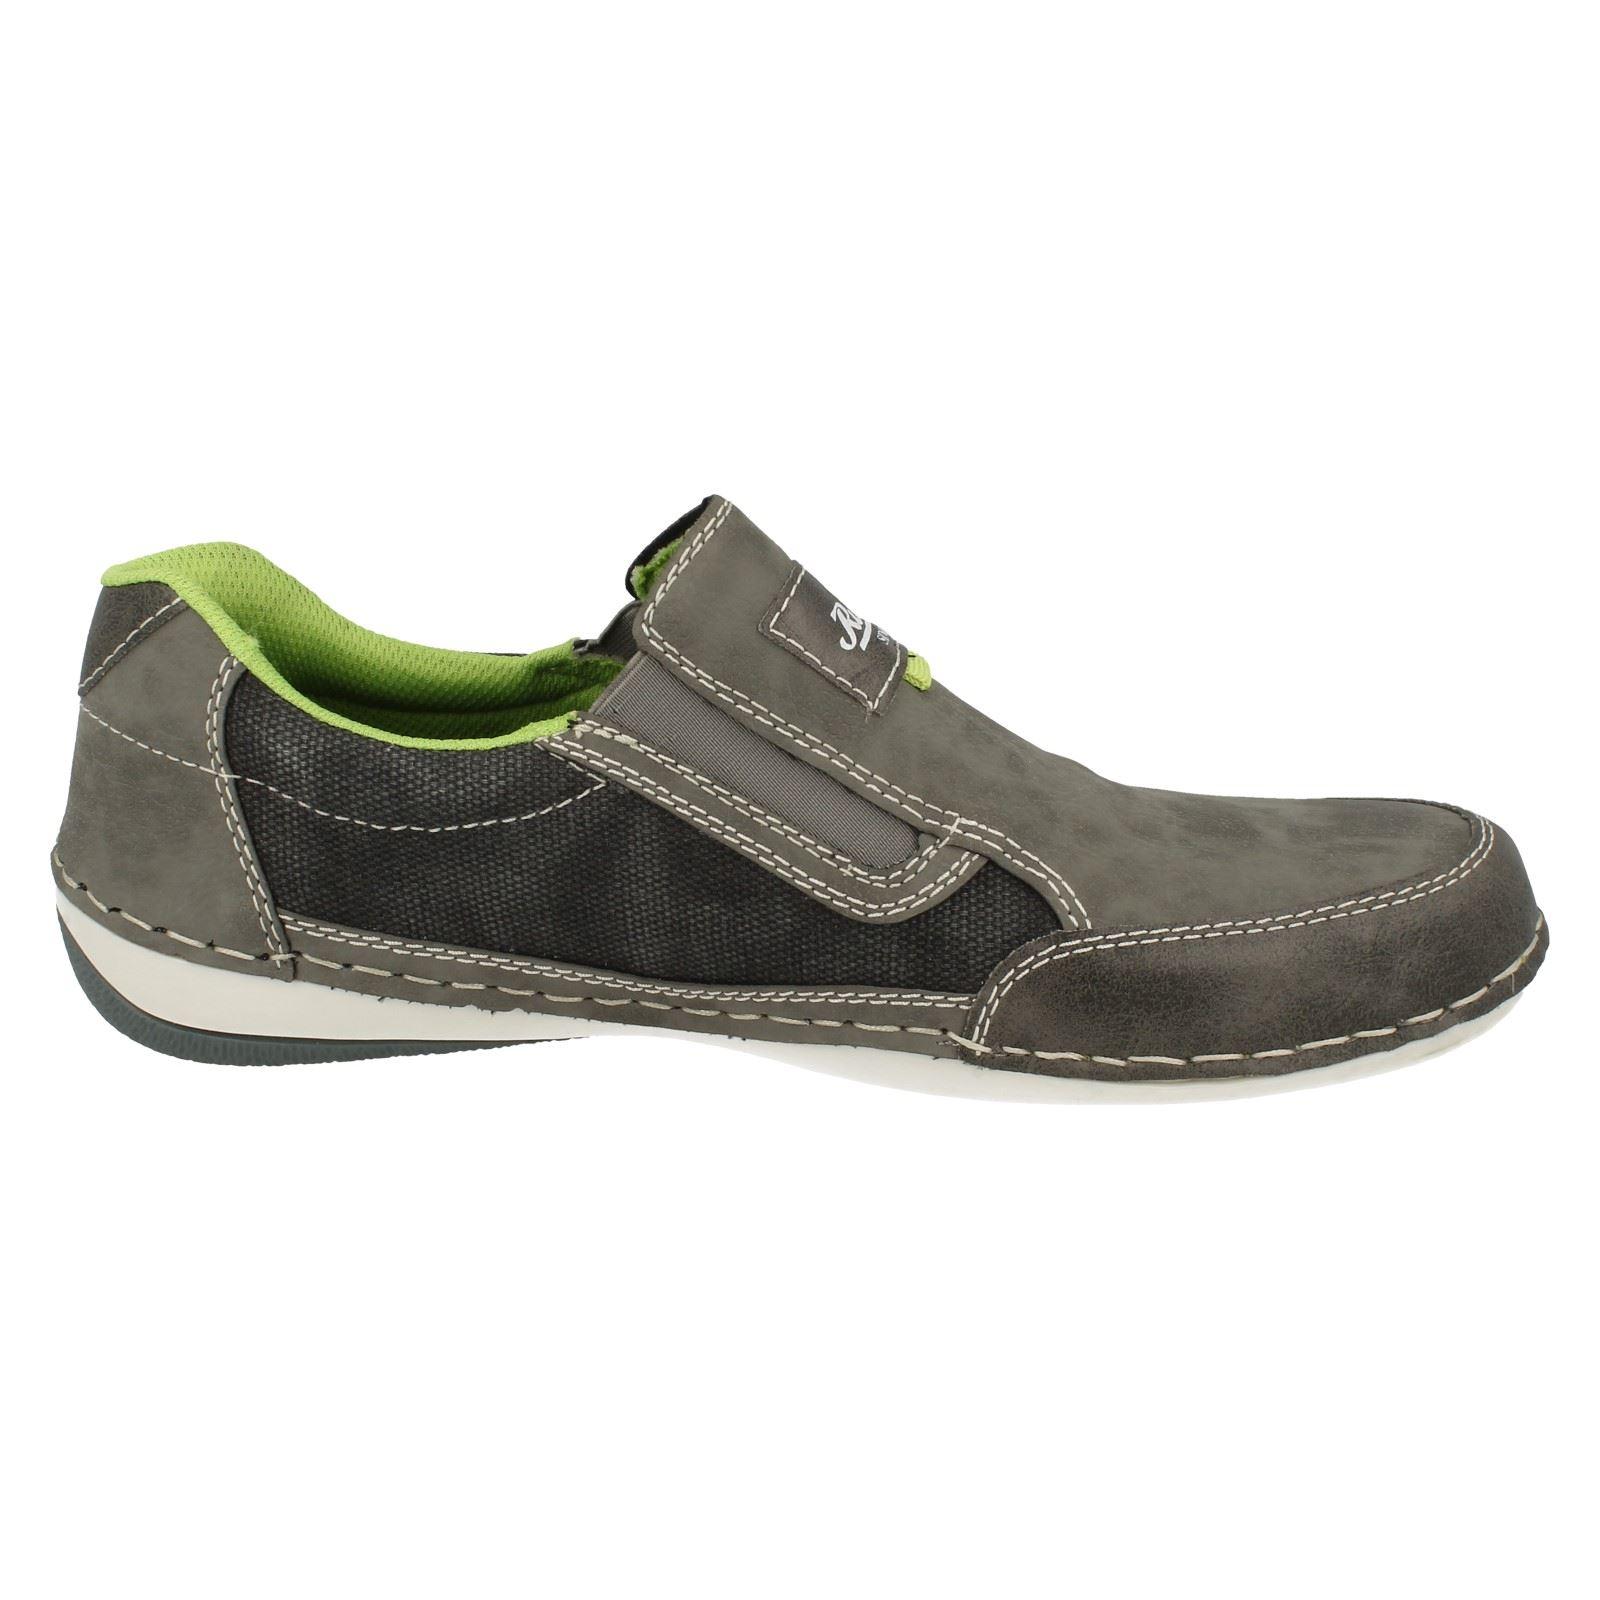 Billig gute Qualität Mens Rieker B9251 Casual Shoes B9251 Rieker b48be2